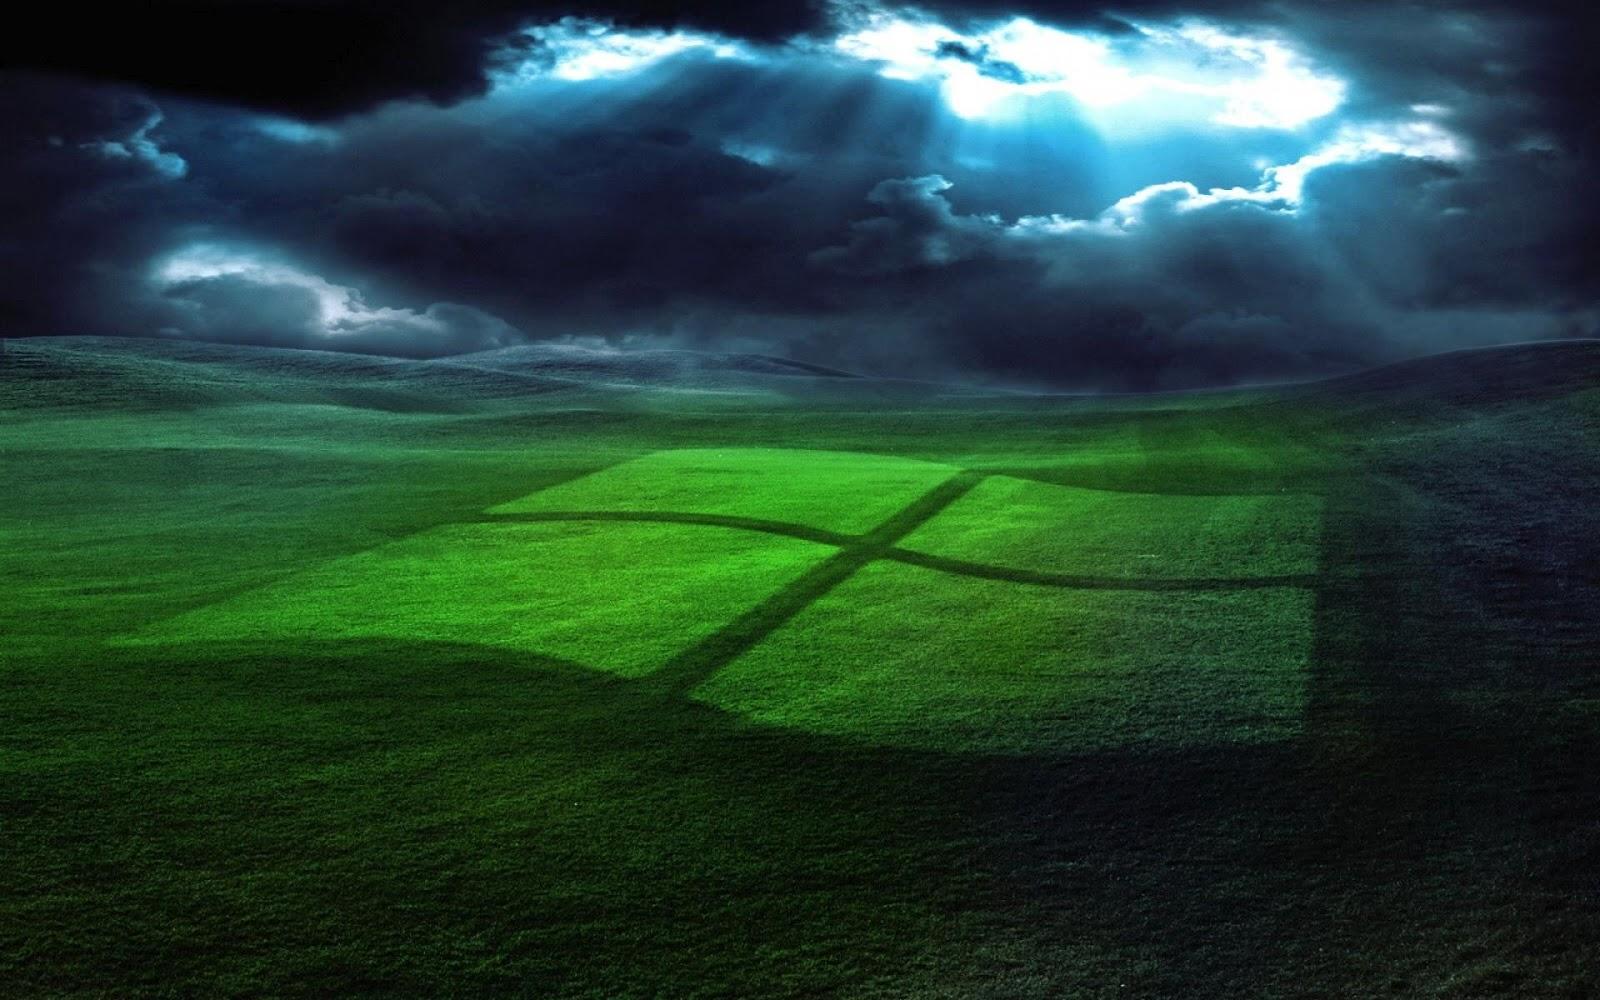 http://4.bp.blogspot.com/-6wnOFQPYoeo/UEBqqABk1oI/AAAAAAAAAsY/qrM0pgy0e_o/s1600/Windows+XP+HD+Wallpaper+2012-2013+12.jpg